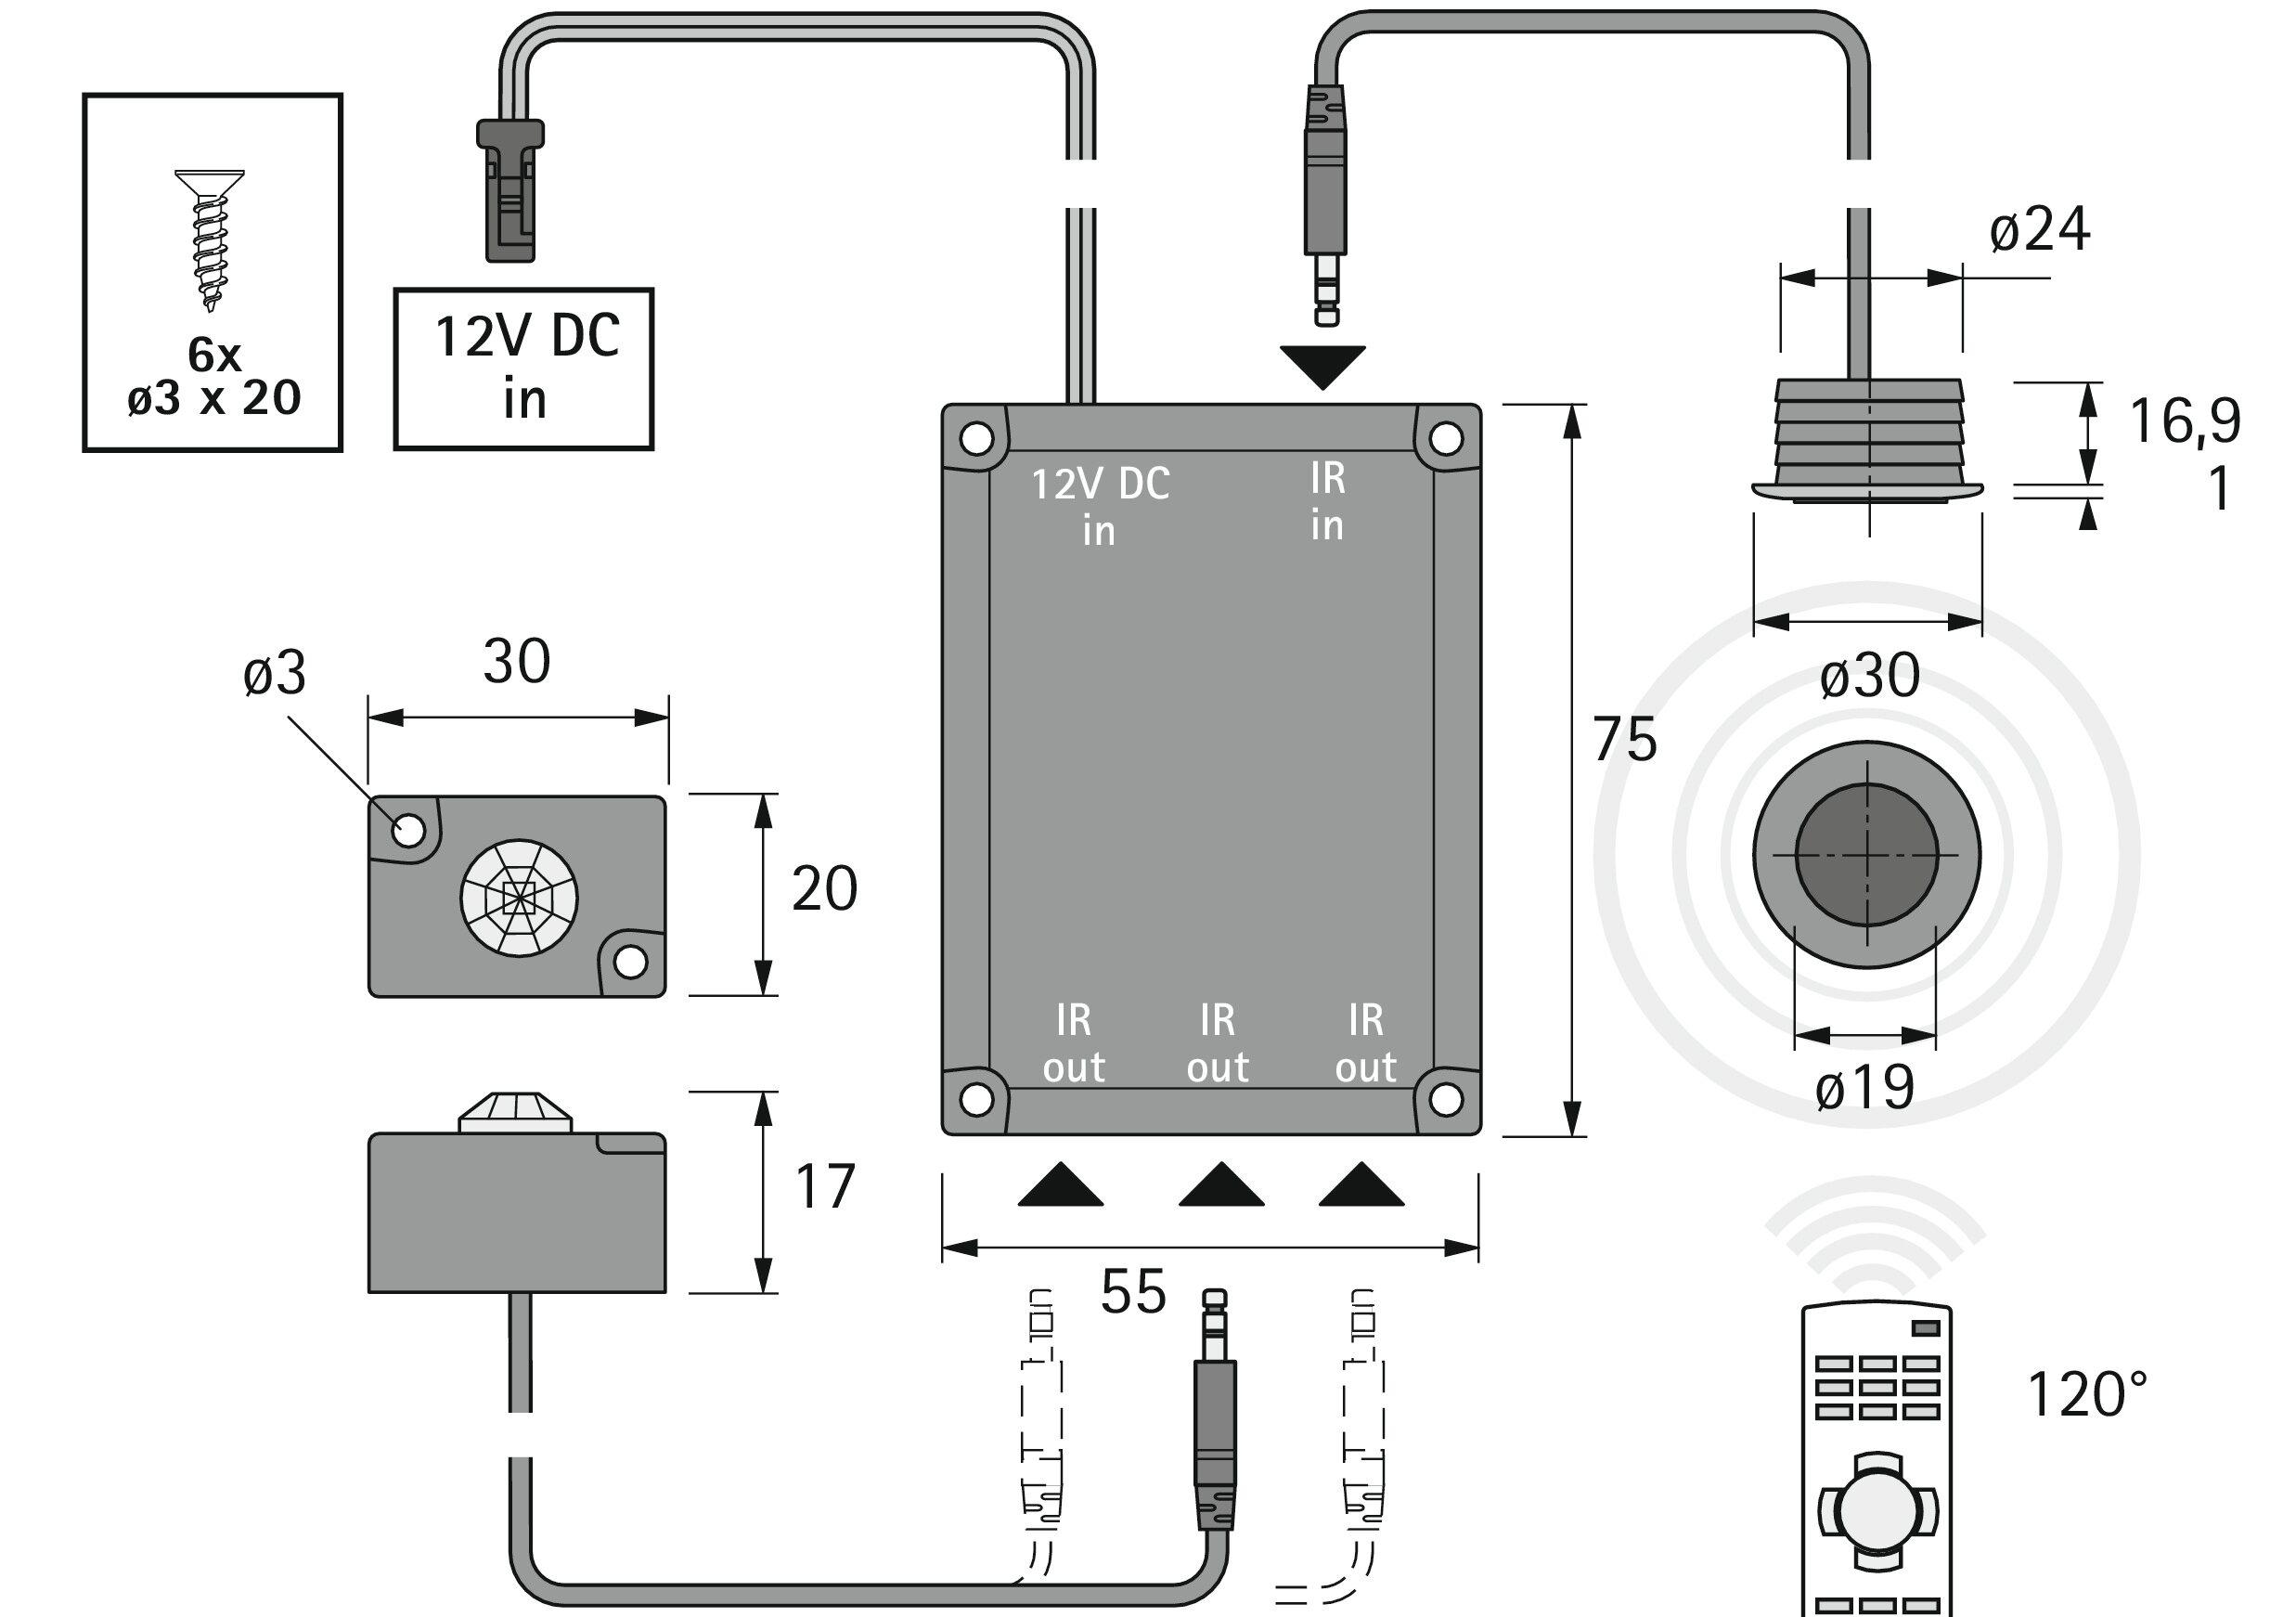 Halemeier IR Repeater Plus Sender 1.8m Klinkenstecker - 3005001